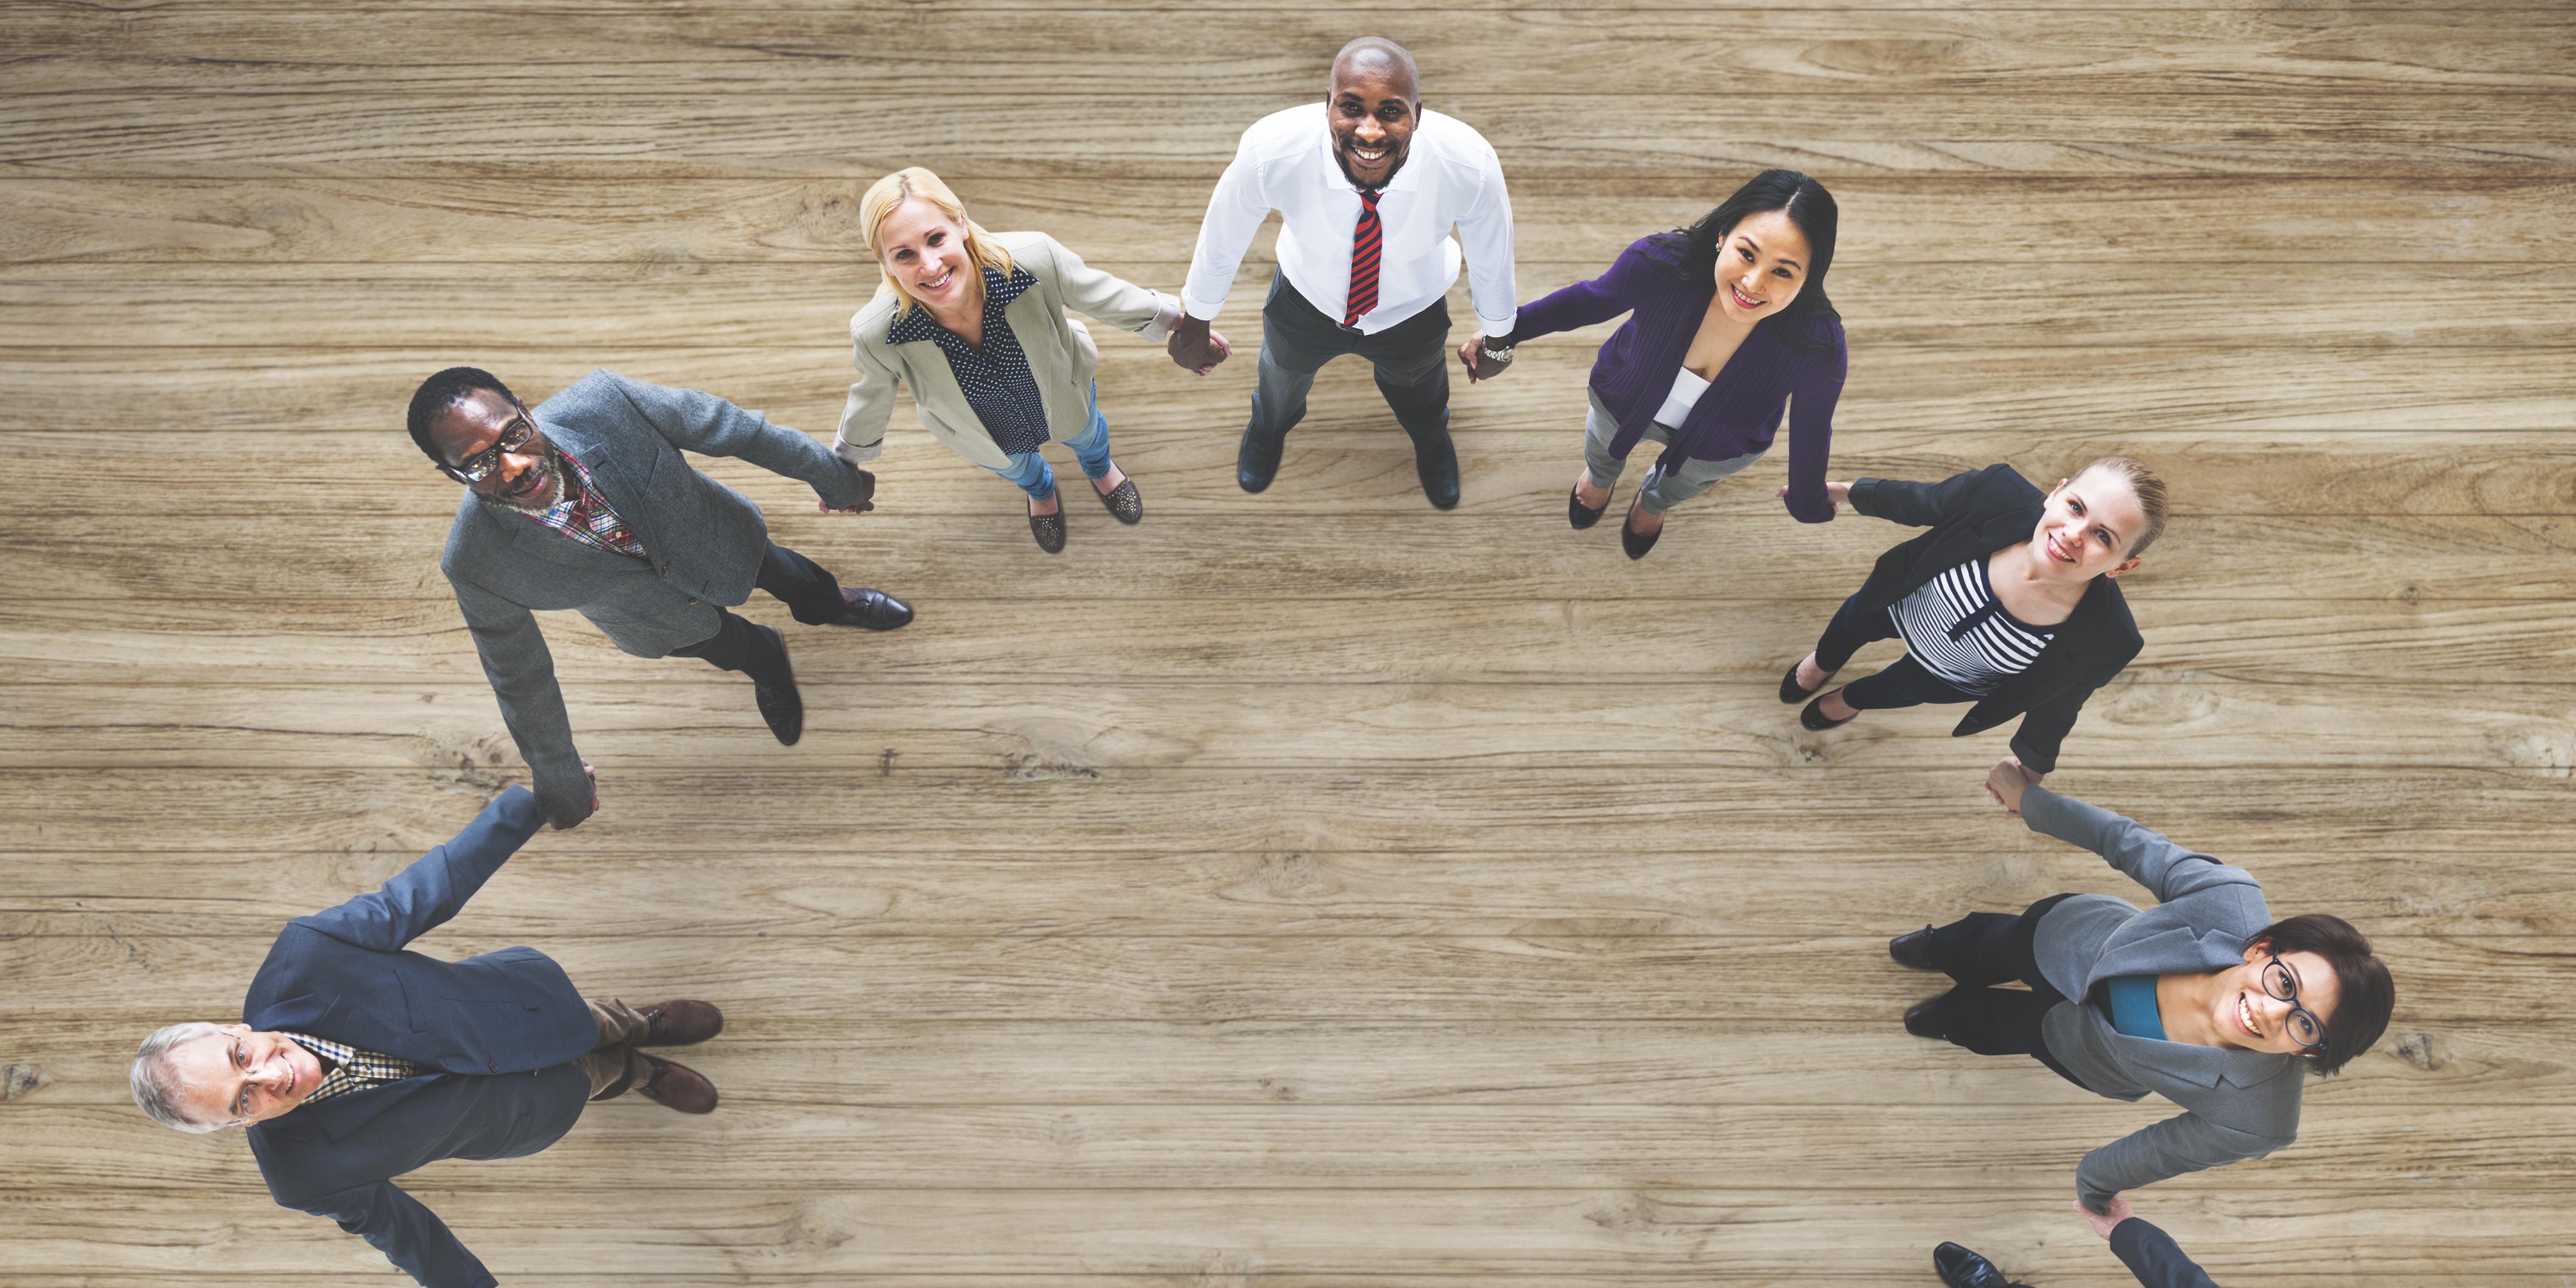 社員平均勤続年数を2.3倍改善した<br>「社員の定着率向上ノウハウ」